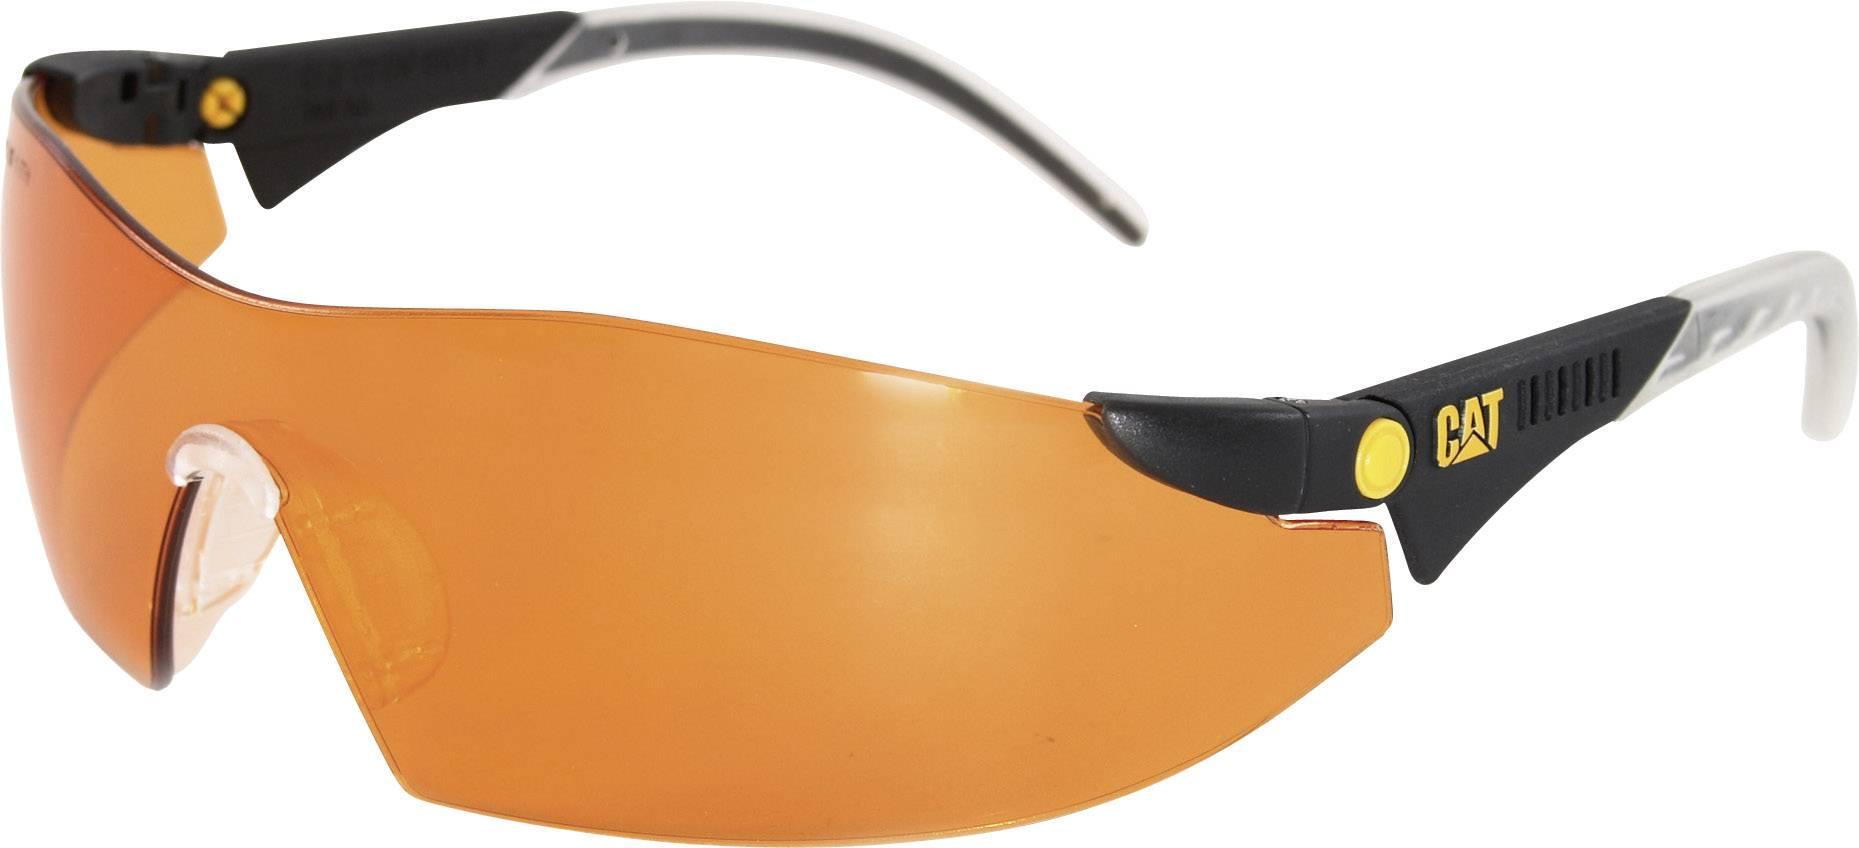 Ochranné brýle CAT Dozer, oranžová